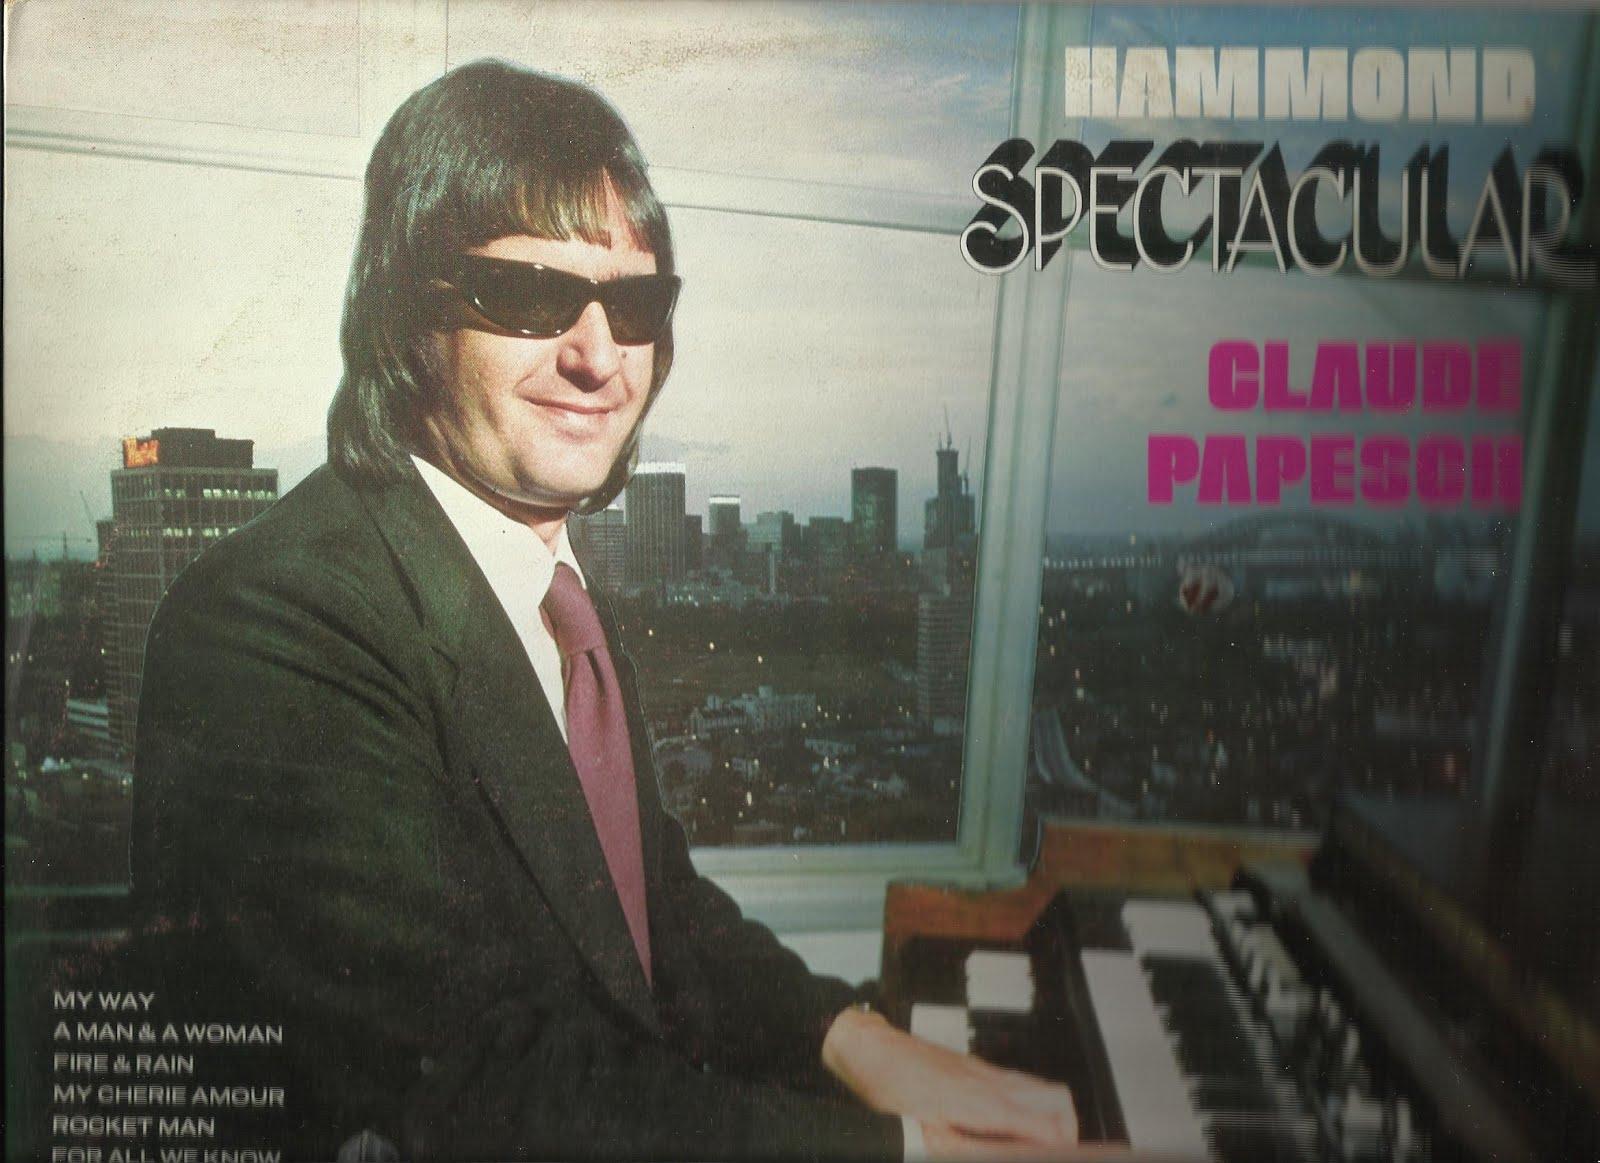 Claude Papesch